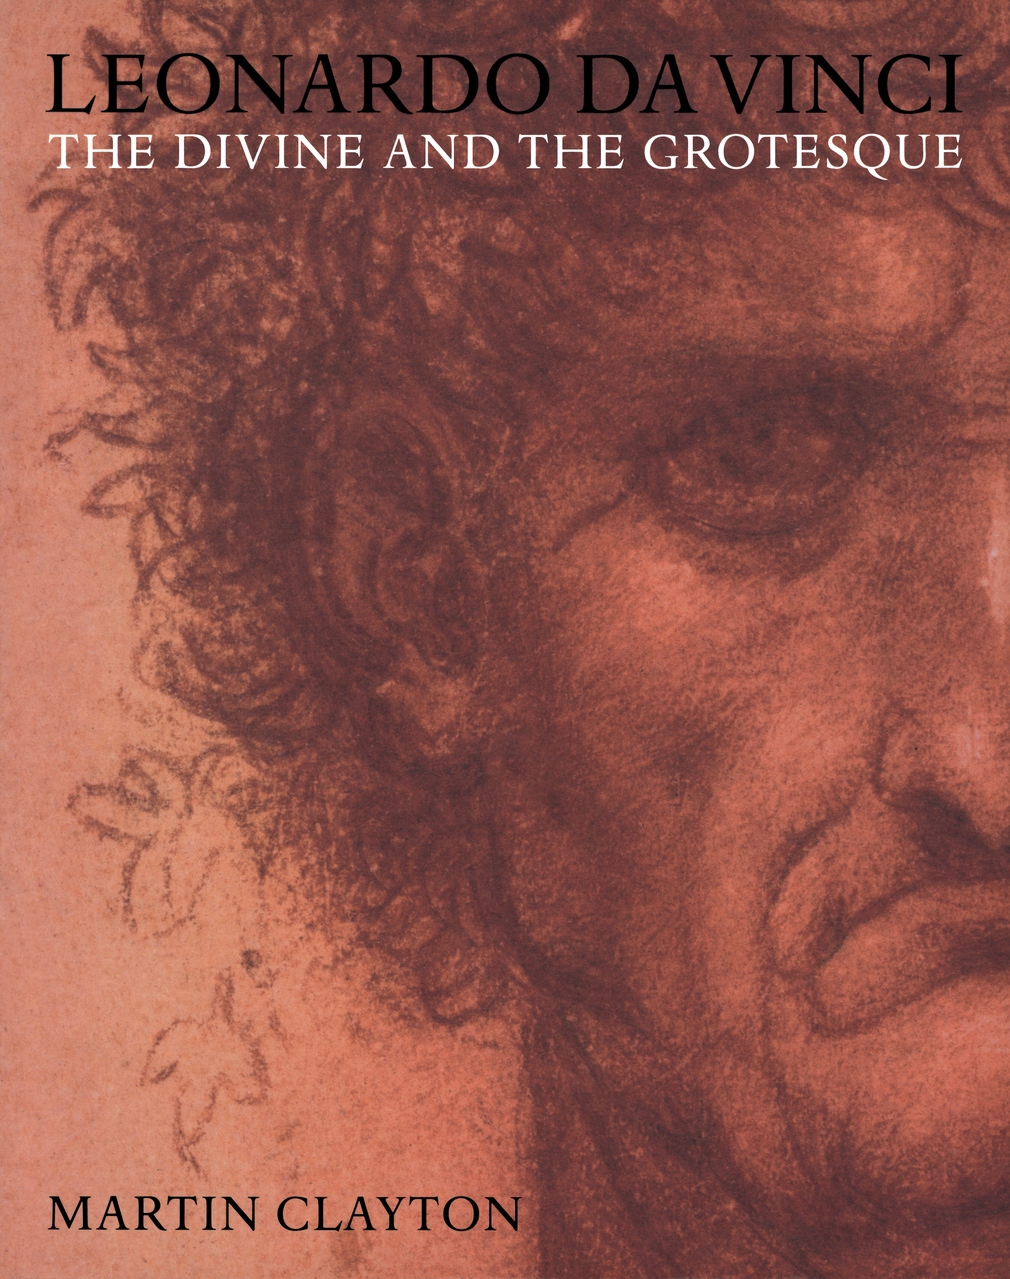 Cover for Leonardo da Vinci the Divine and the Grotesque